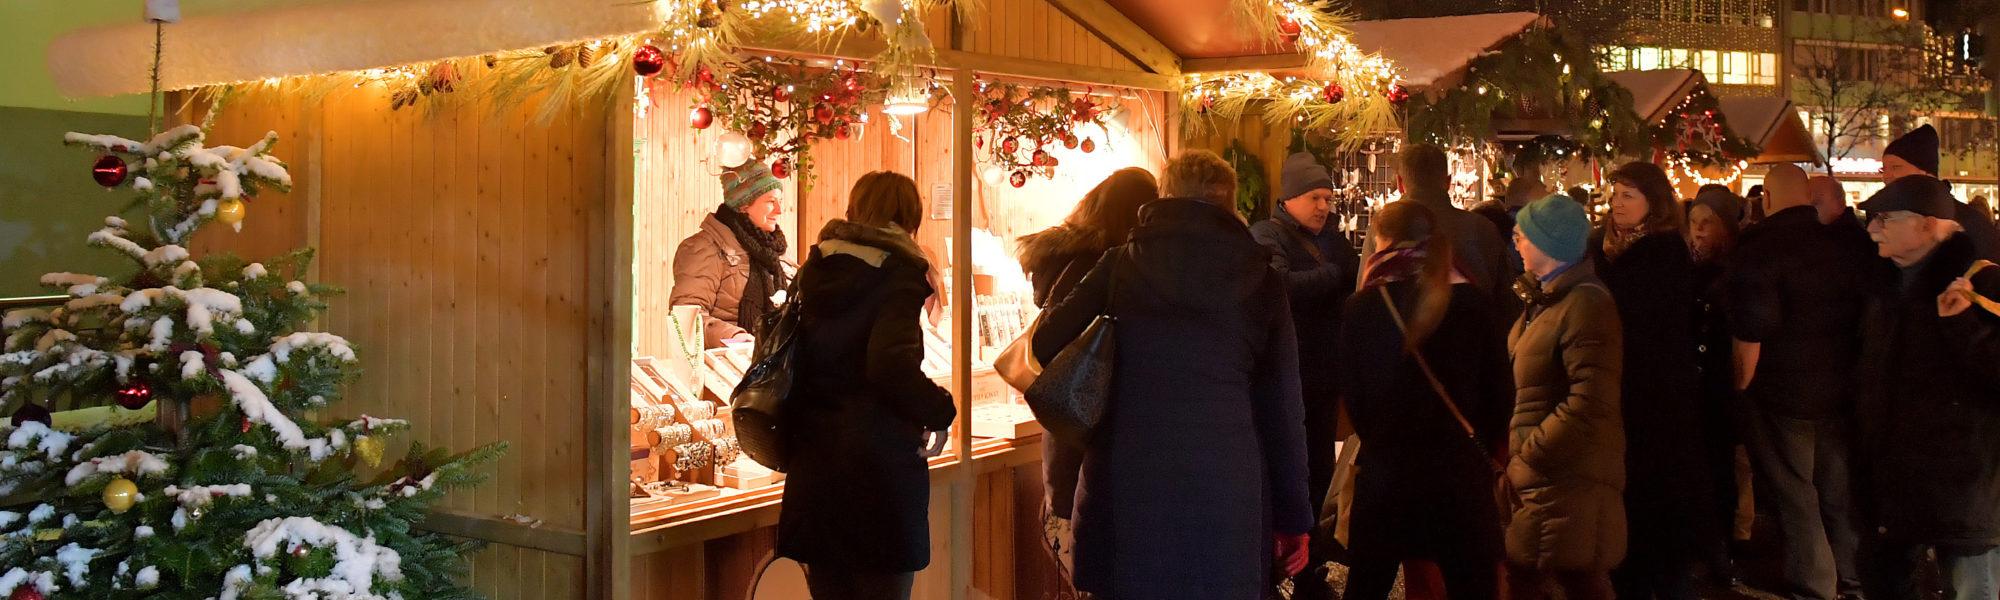 Weihnachten in Aarau